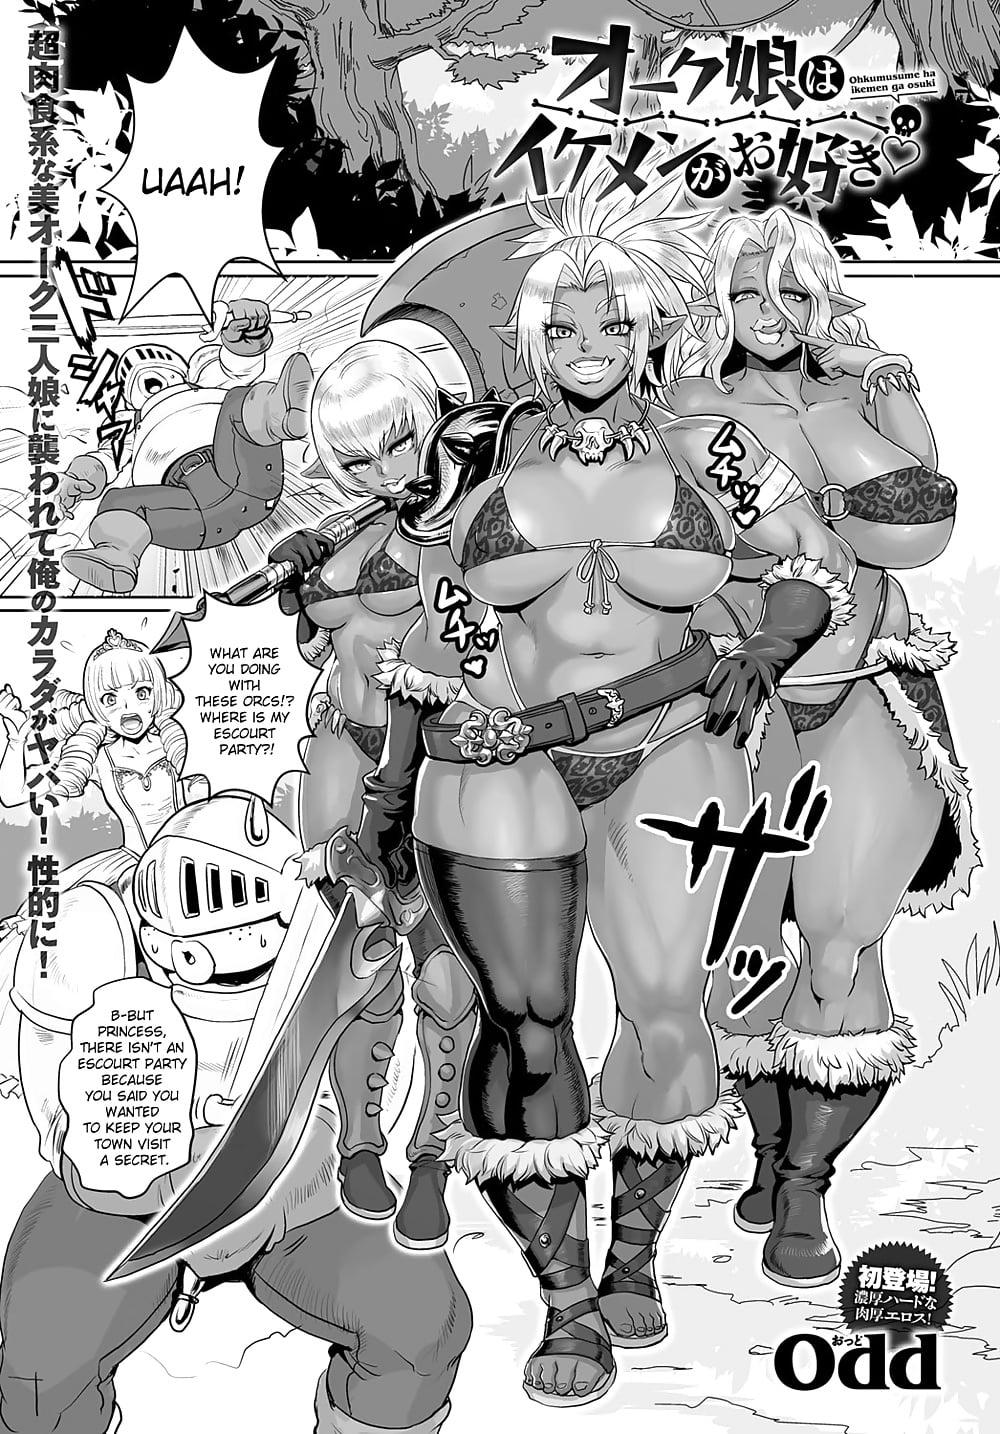 Orc Girls Love Handsome Guys - Hentai Manga - 28 Pics - xHamster com